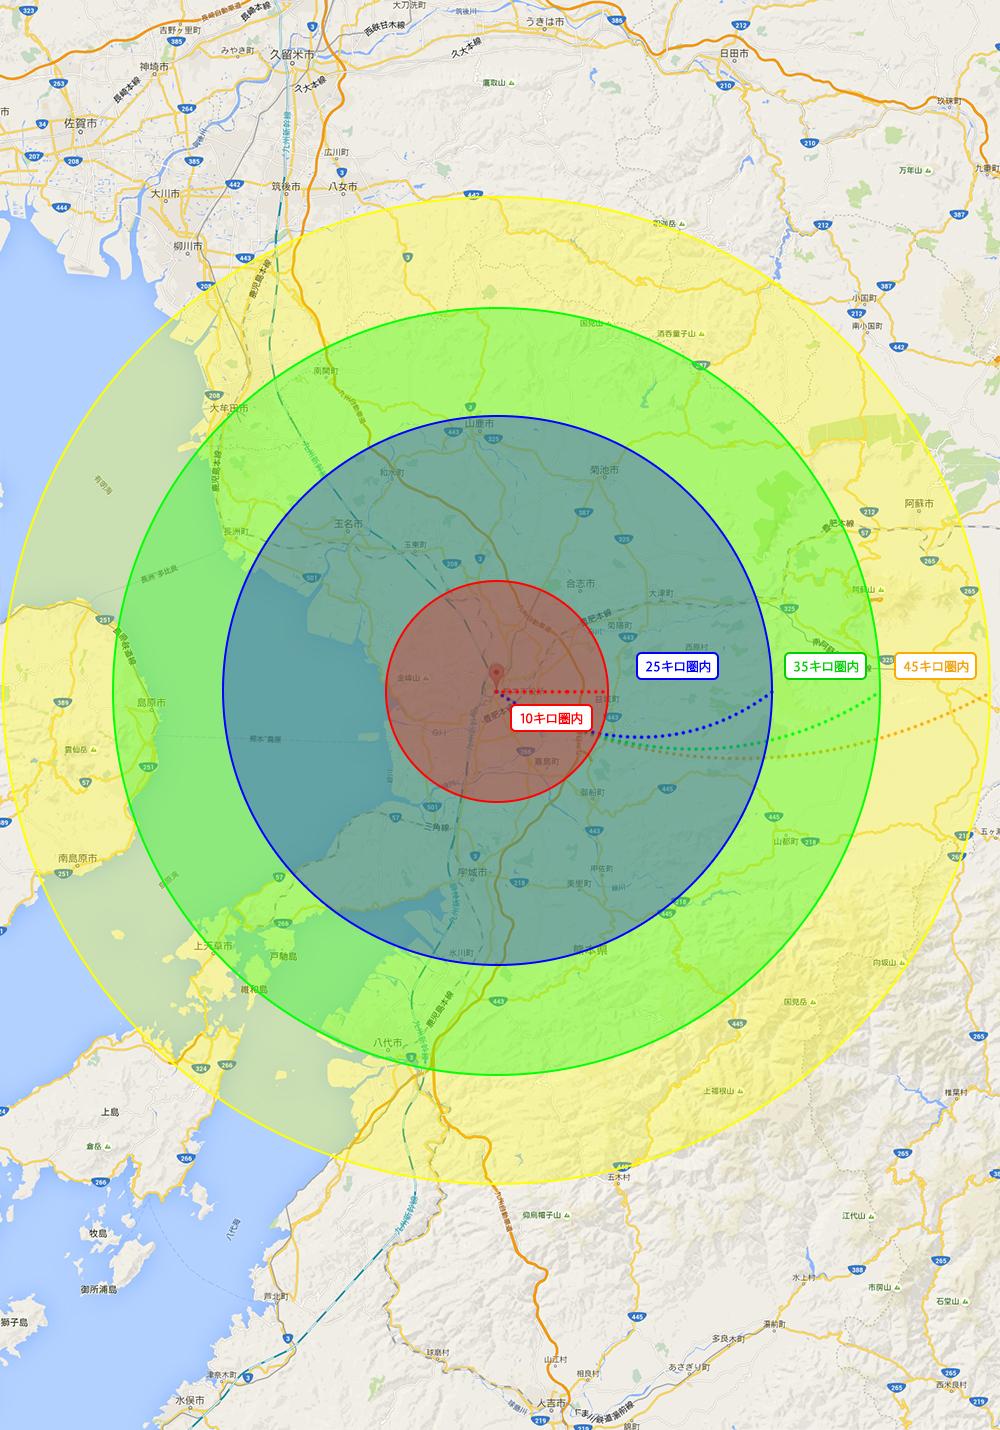 範囲のマップ